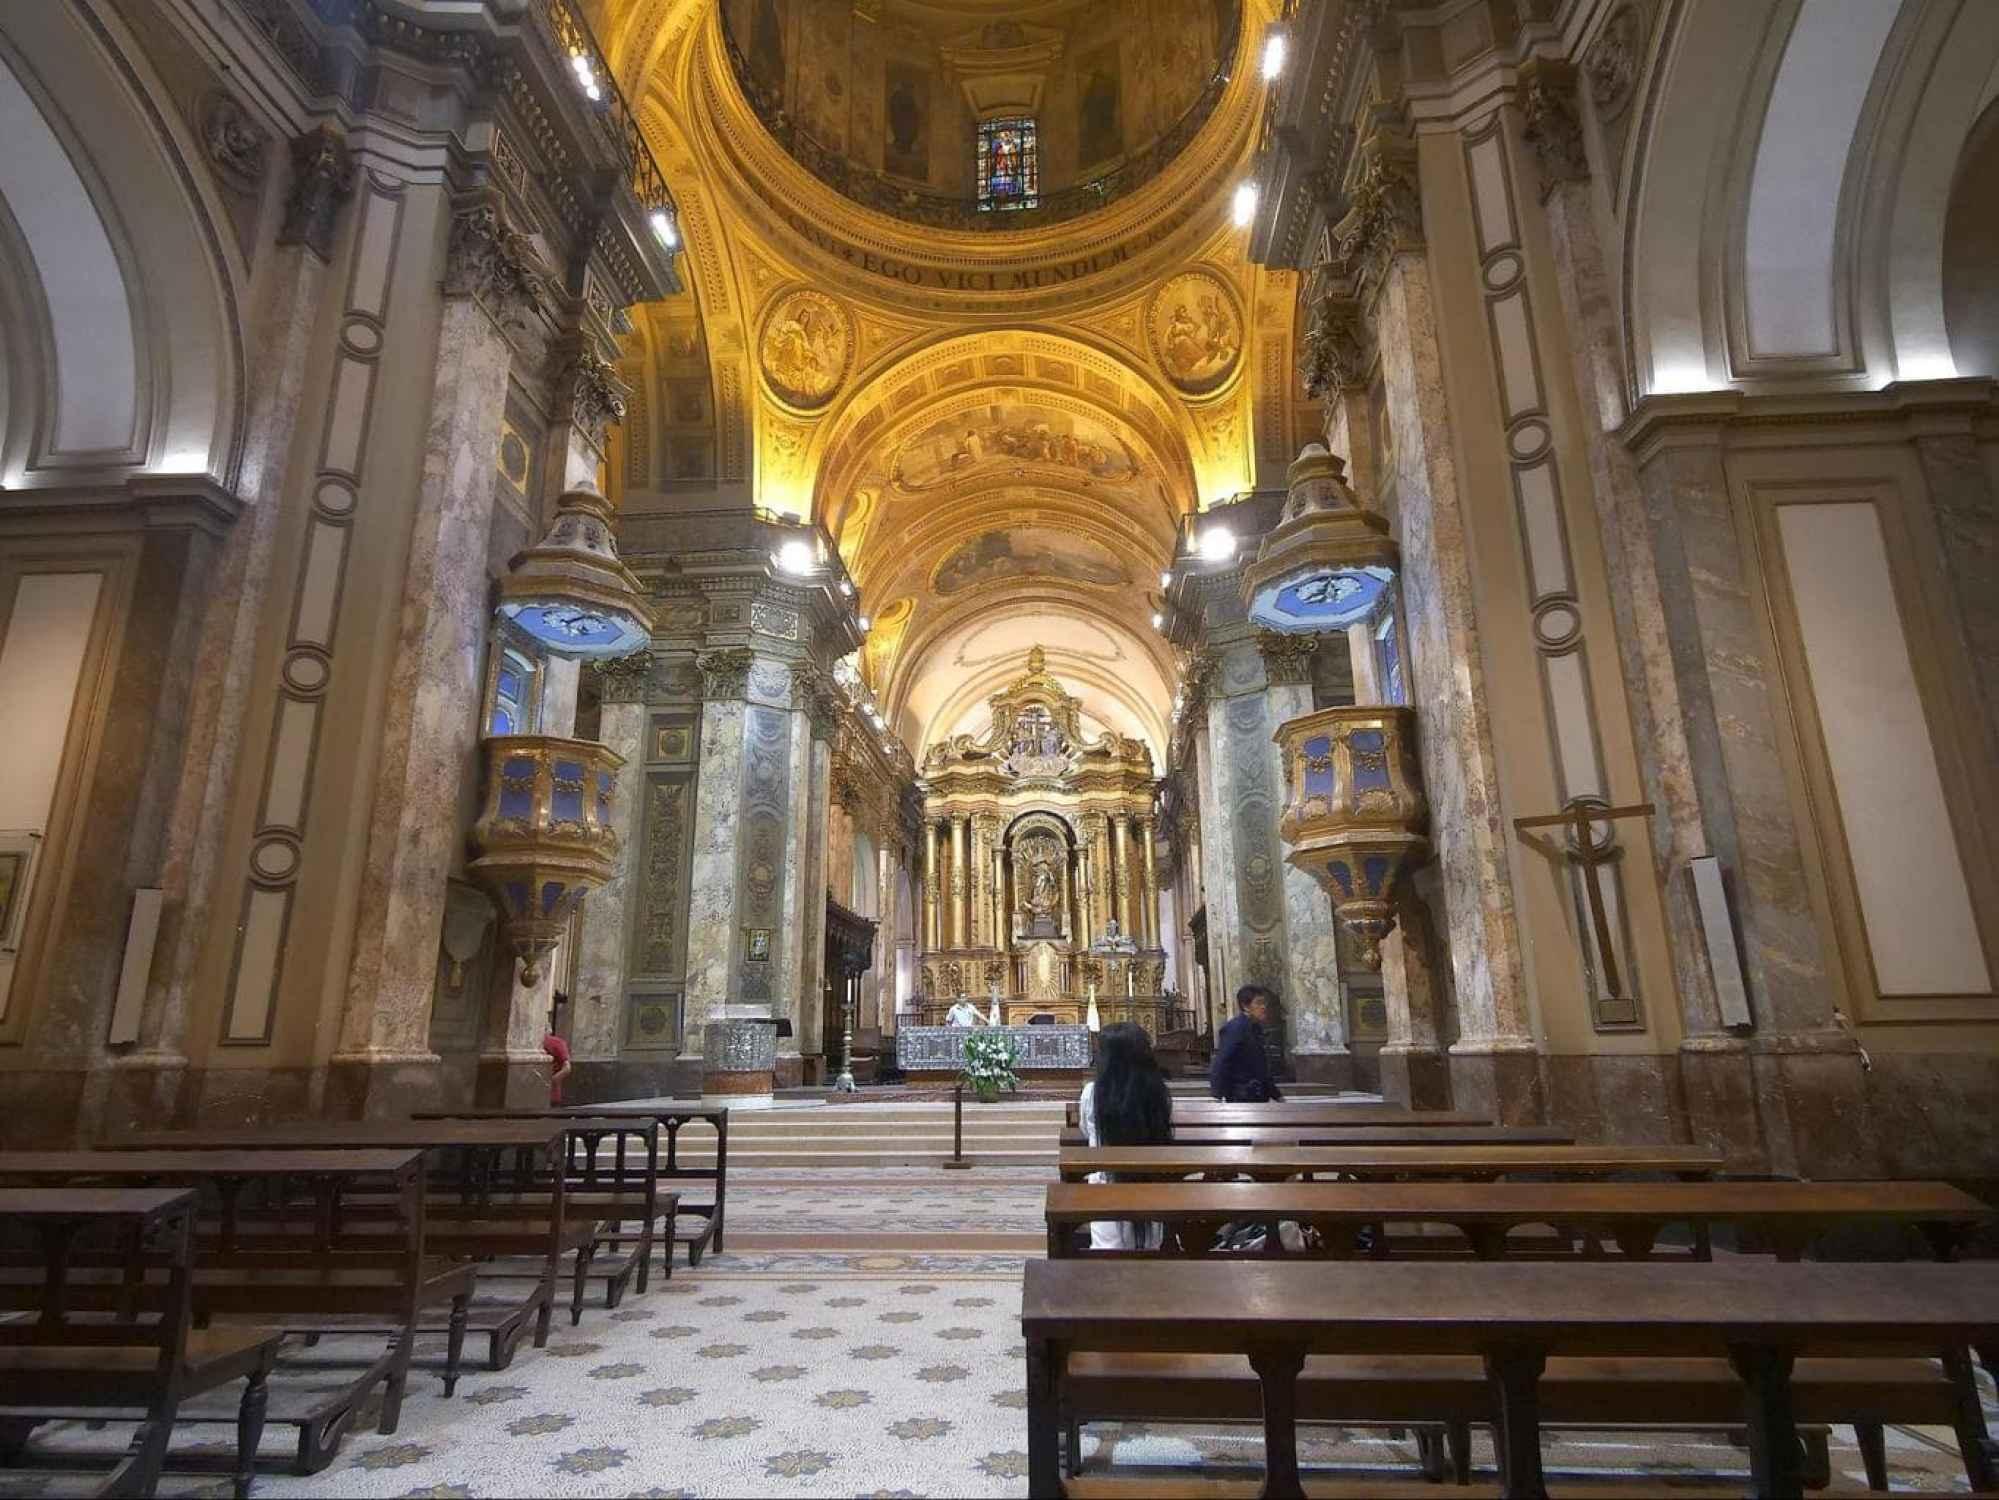 Catedral Metropolitana de Buenos Aires interior